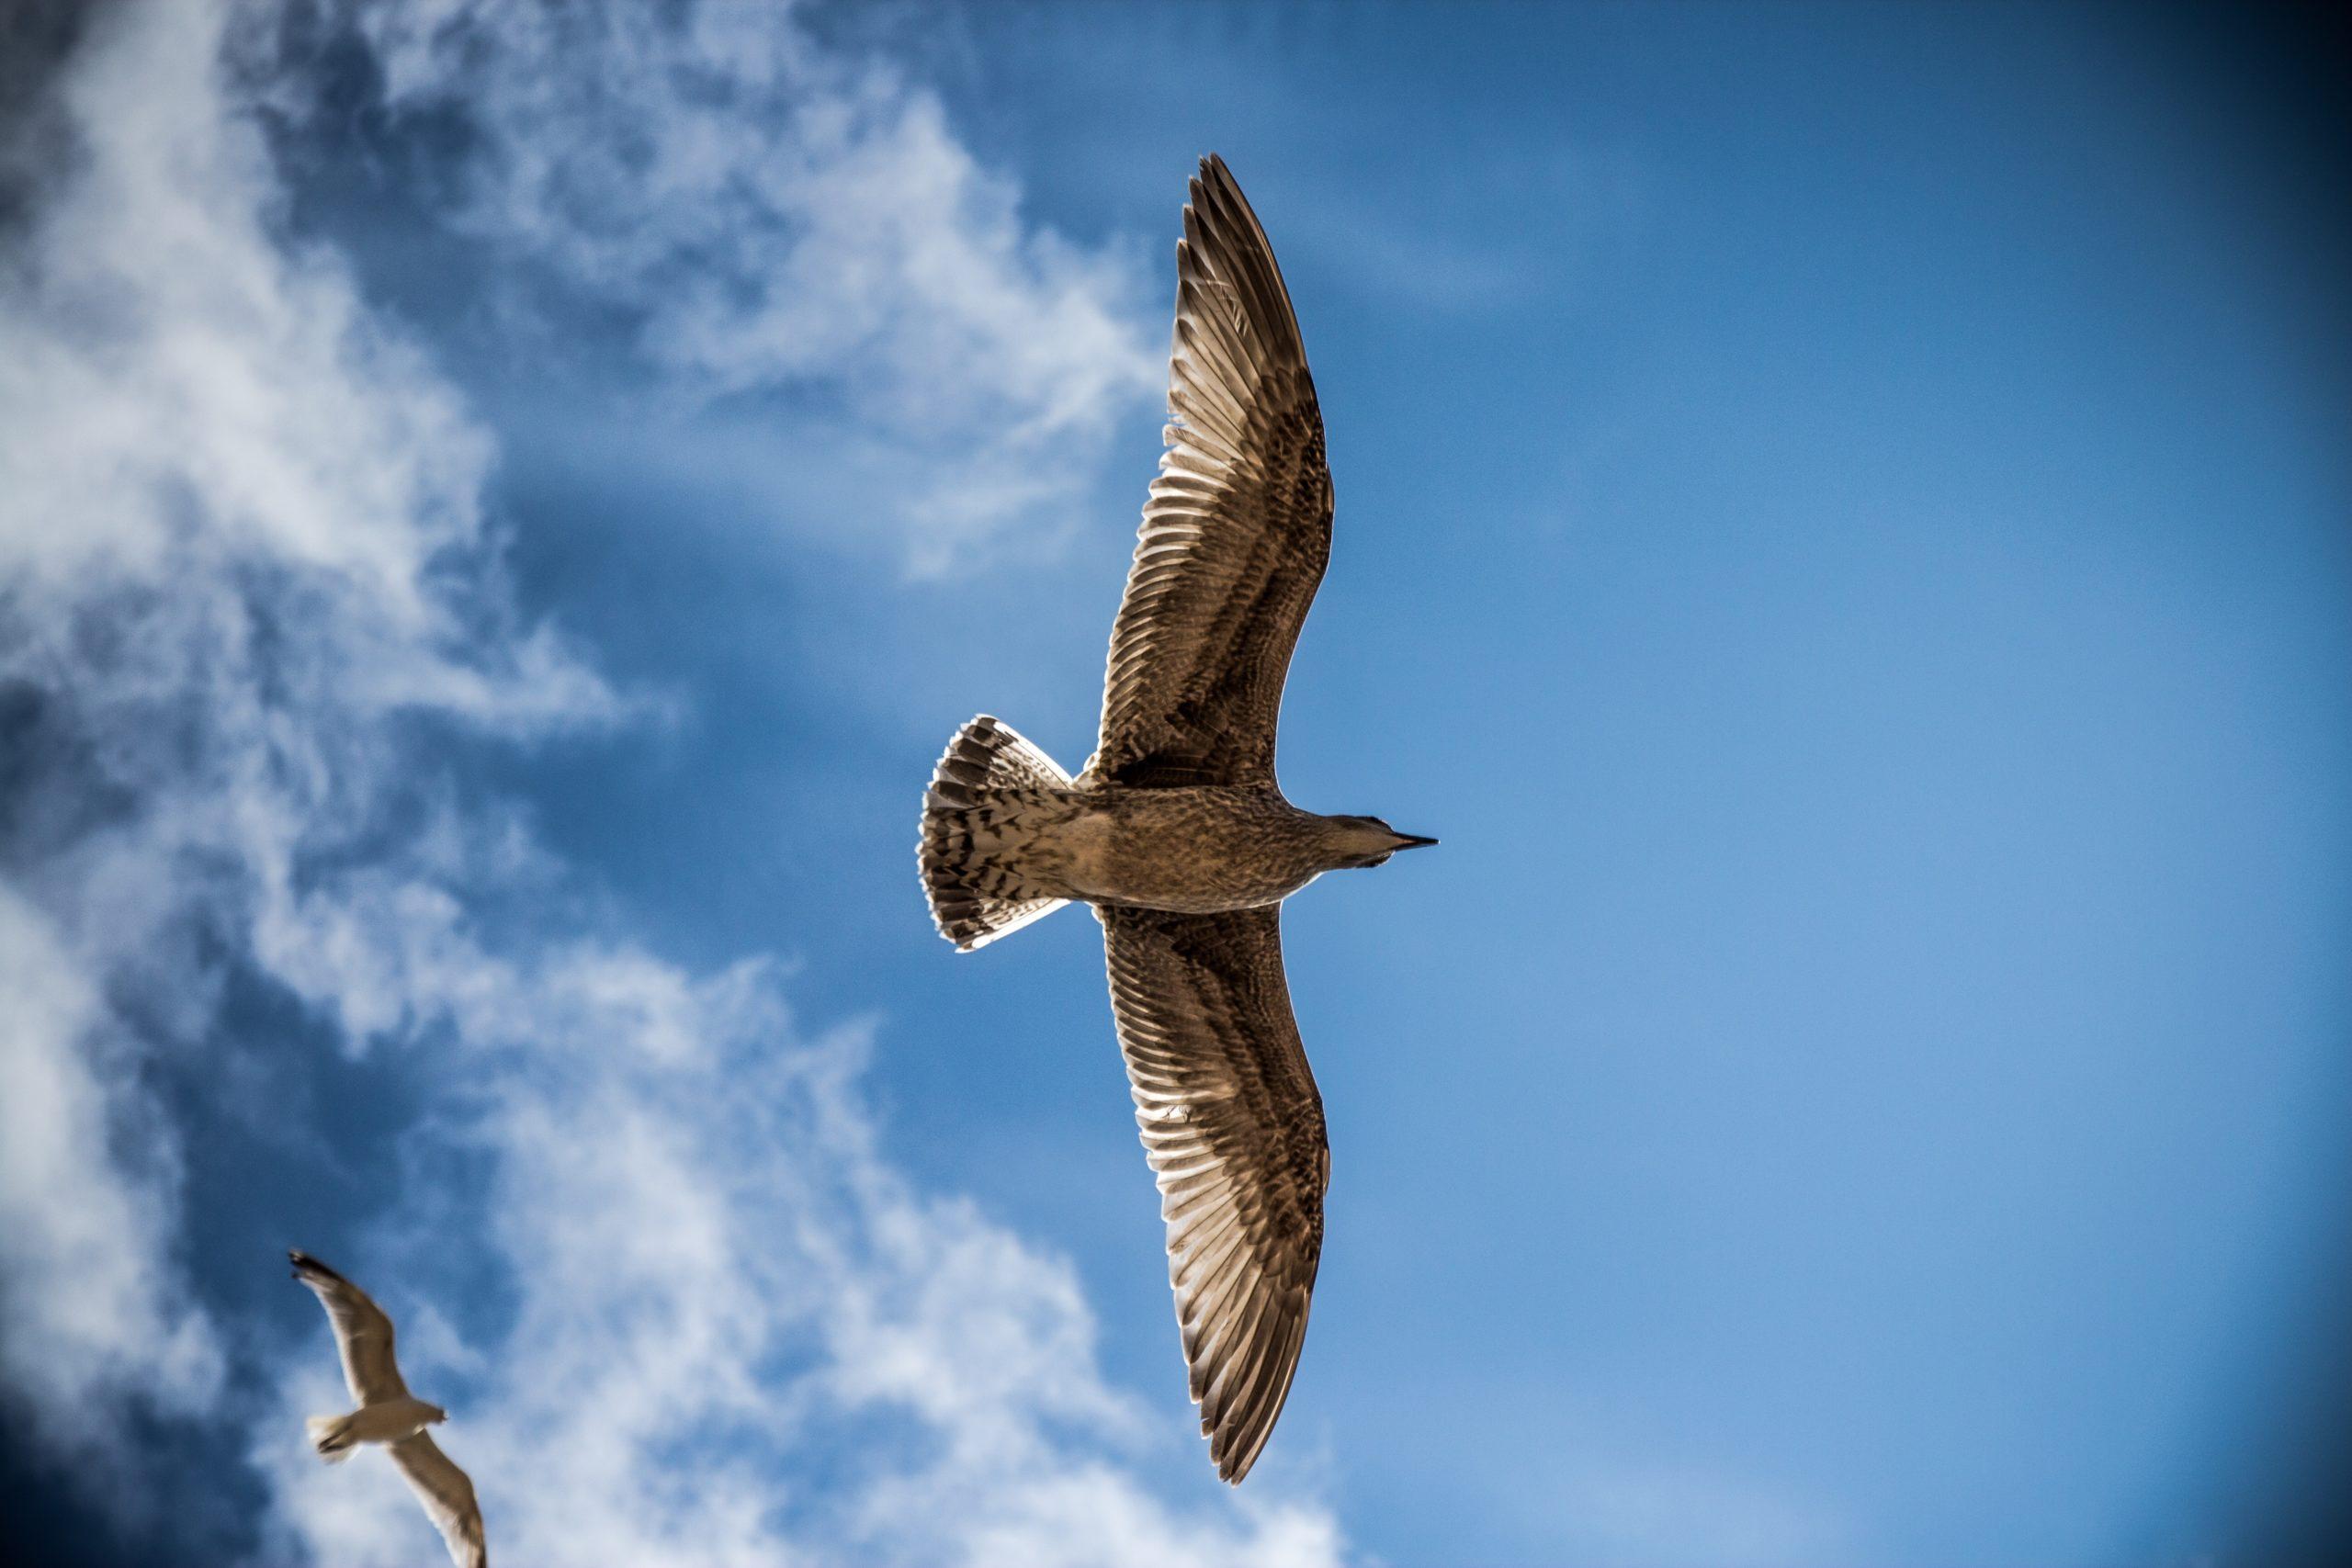 Blick von unten auf fliegende Möwen am blauen Himmel mit weißen Wölkchen als Symbol für die Befreiung, die durch Hypnose-Coaching erreicht werden kann